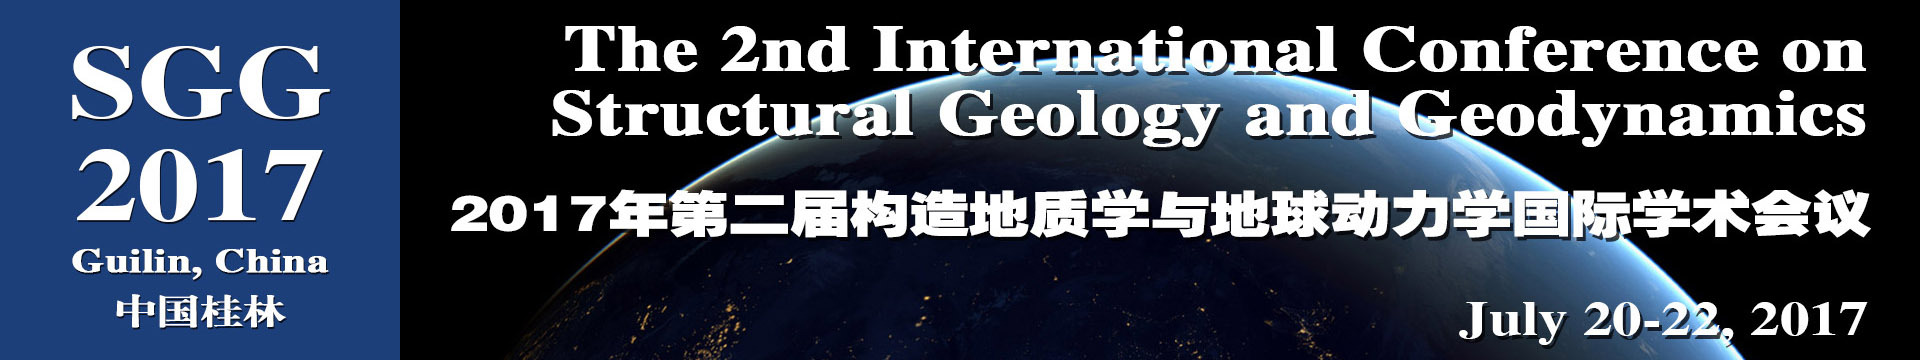 2017第二届构造地质学与地球动力学国际学术会议(SGG2017)